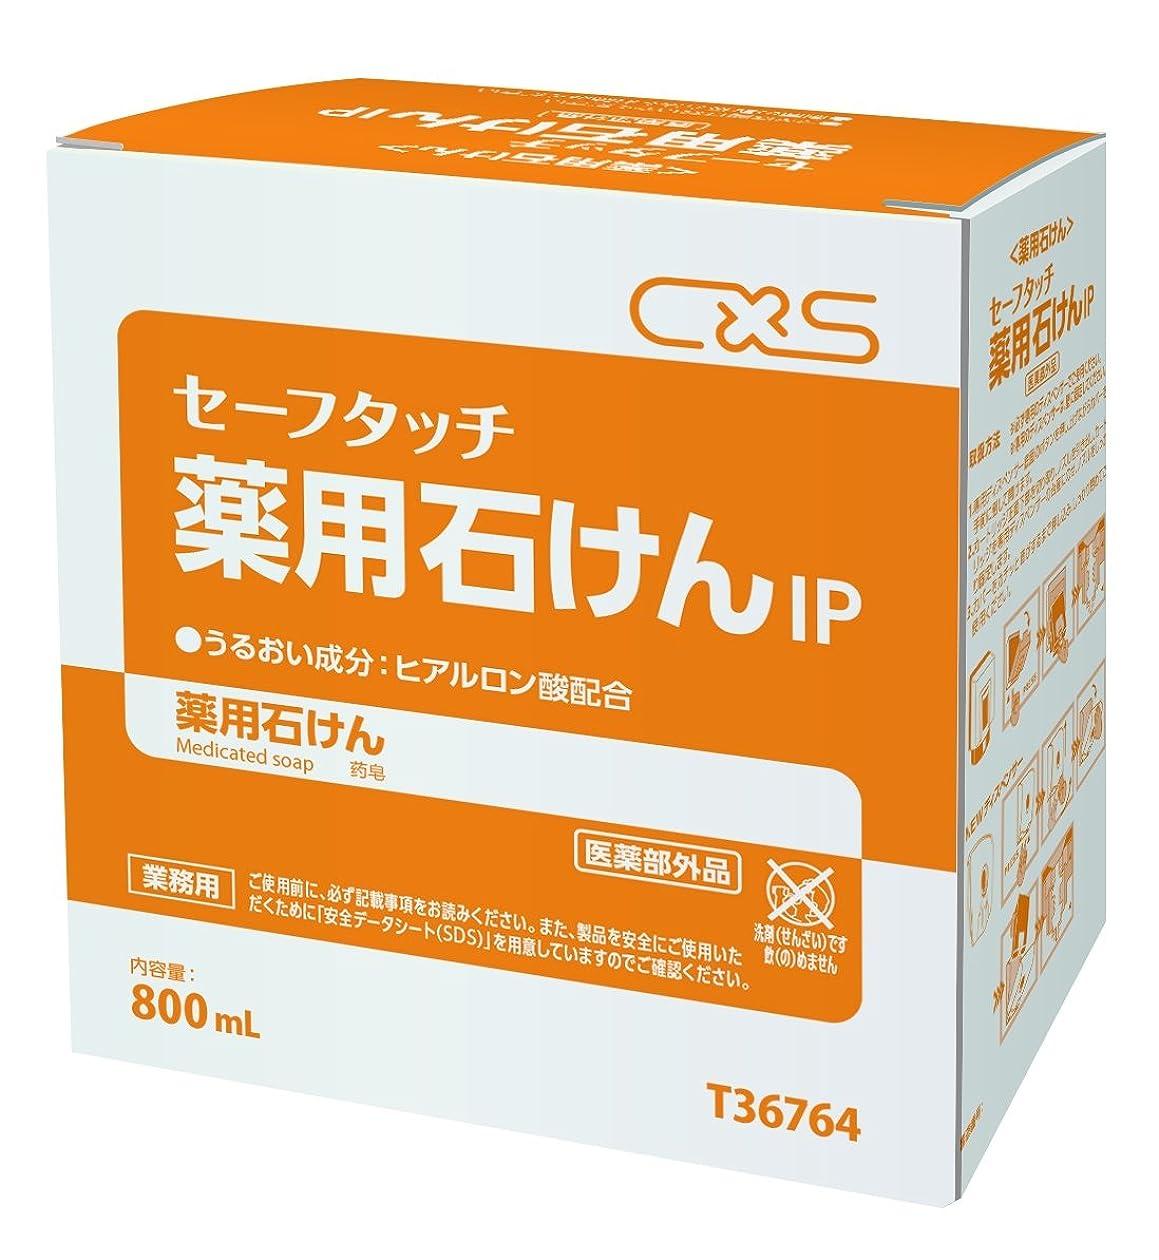 受ける薬剤師ディベートセーフタッチ 薬用石けんIP 6箱セット